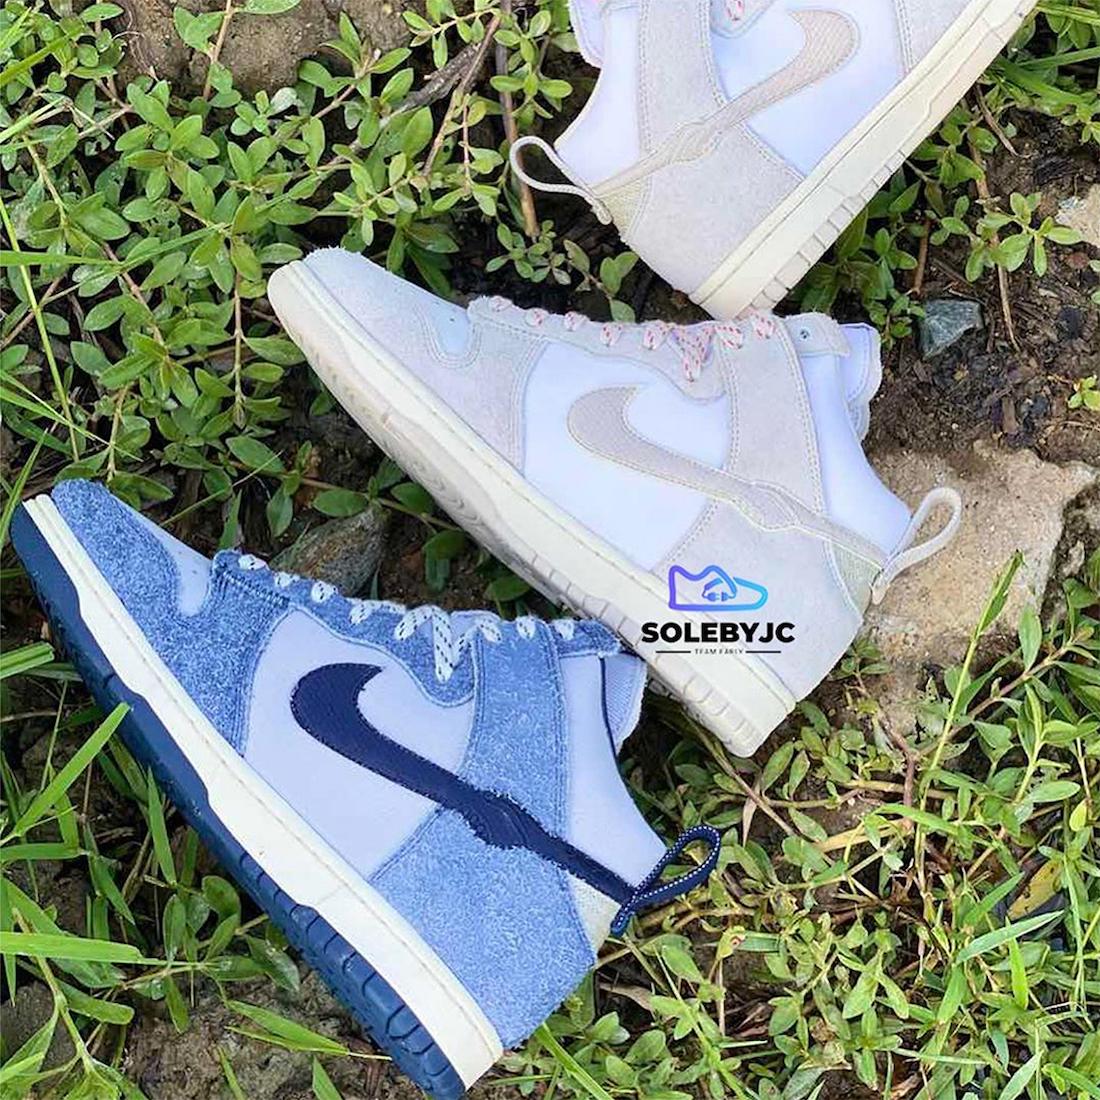 ノートル ナイキ ダンク ハイ Notre Nike Dunk High 2 colors blue light brown side swoosh